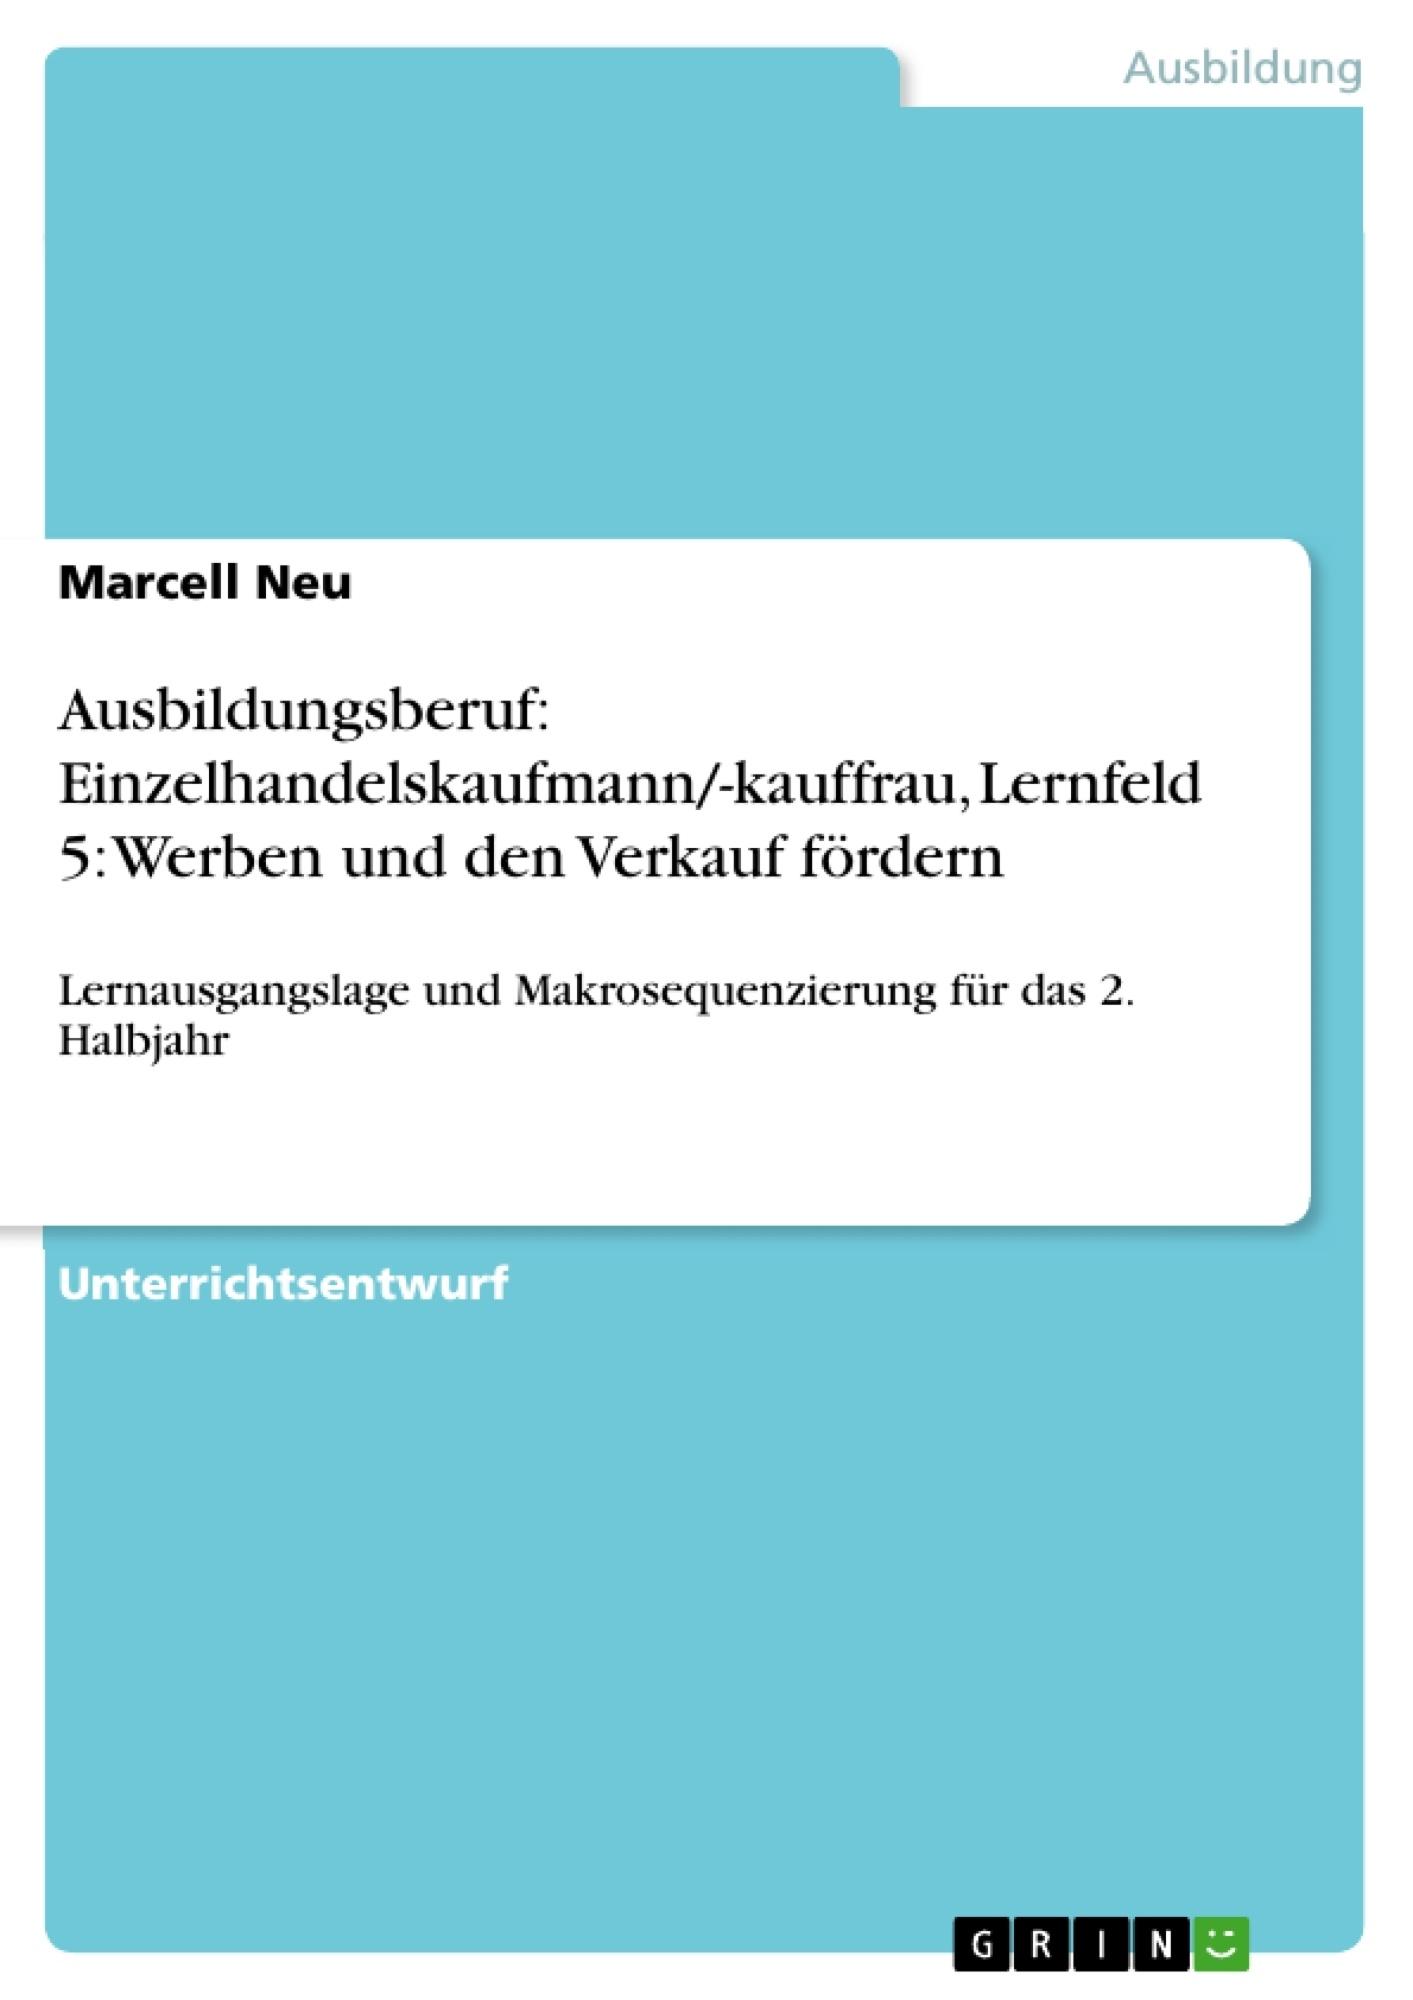 Titel: Ausbildungsberuf: Einzelhandelskaufmann/-kauffrau, Lernfeld 5: Werben und den Verkauf fördern